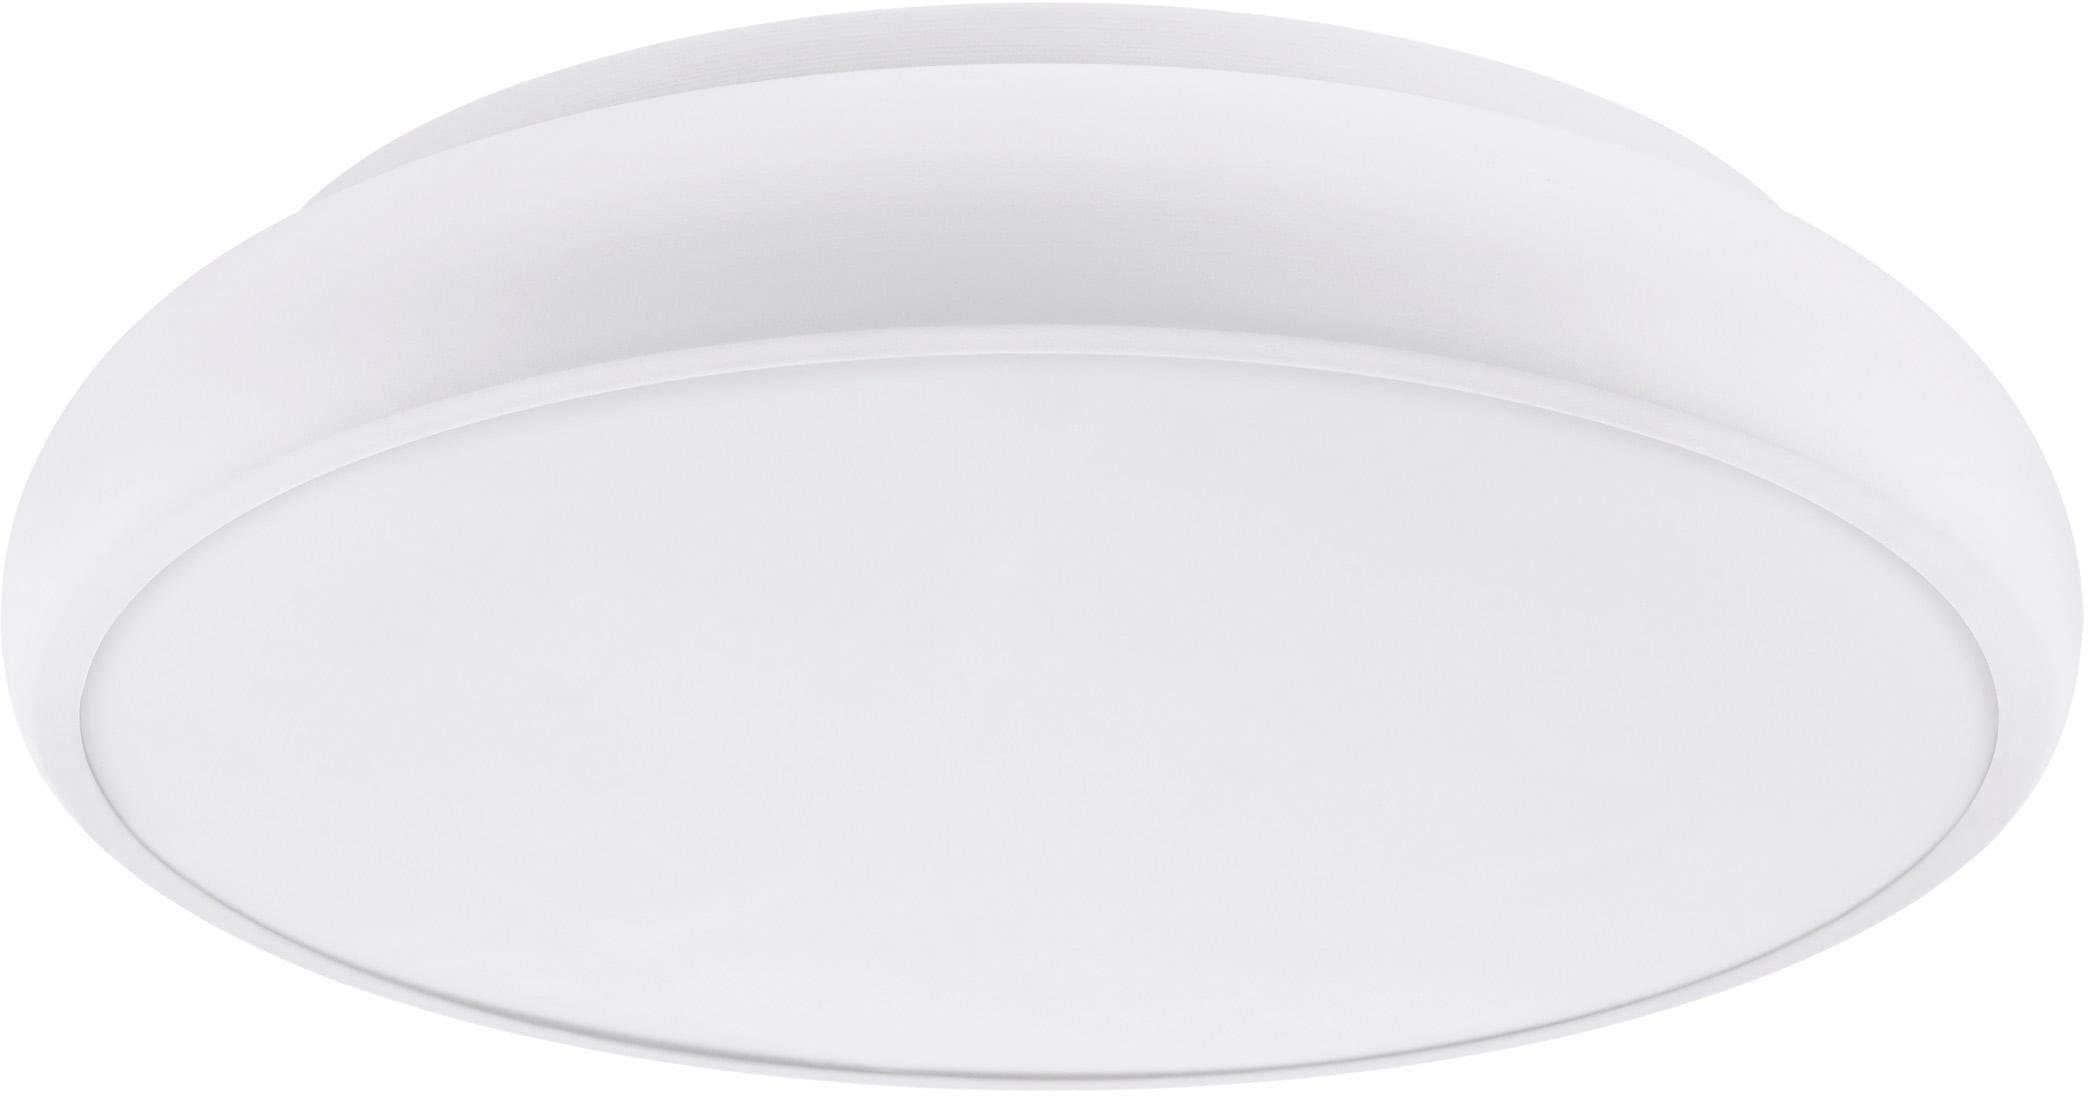 EGLO Deckenleuchte RIODEVA-C, LED-Board, Warmweiß-Tageslichtweiß-Neutralweiß-Kaltweiß, EGLO CONNECT, Steuerung über APP + Fernbedienung, BLE, CCT, RGB